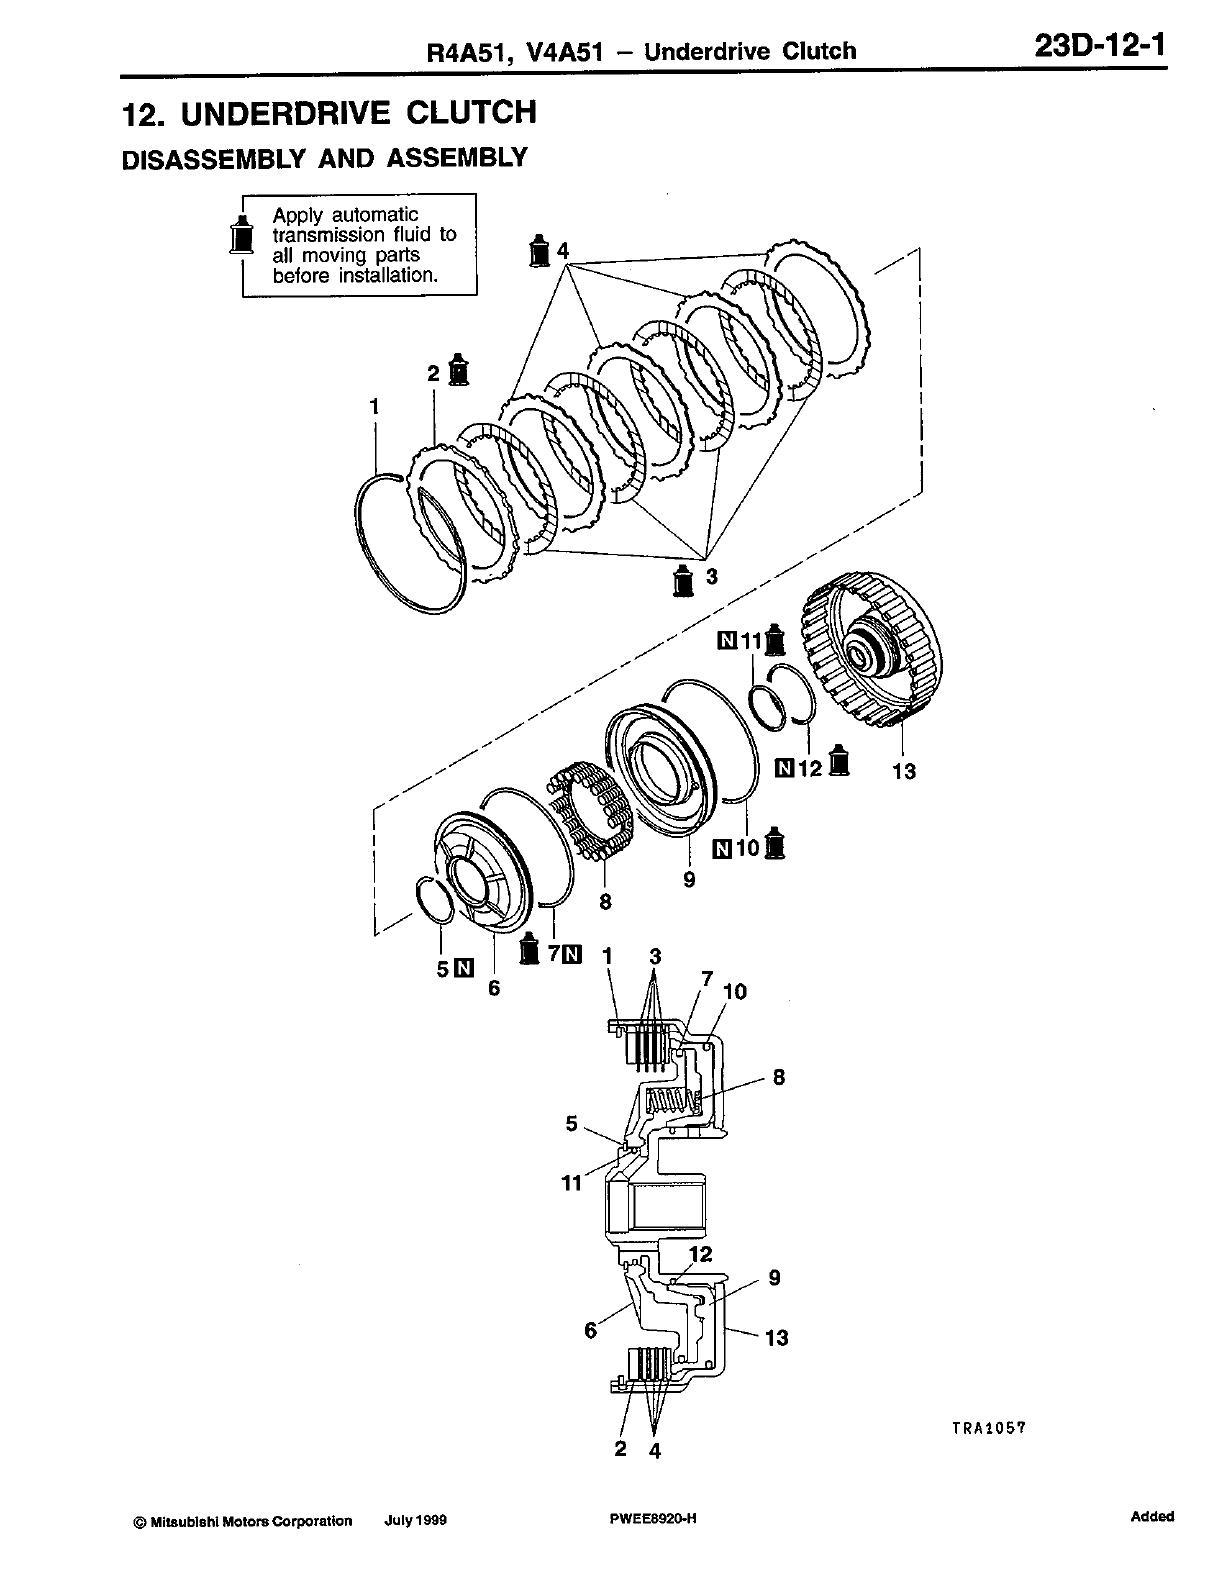 Ejuly 2000mitsubishi motors corporation r4a51 v4a51 transfer <v4a51> 23d 14 1